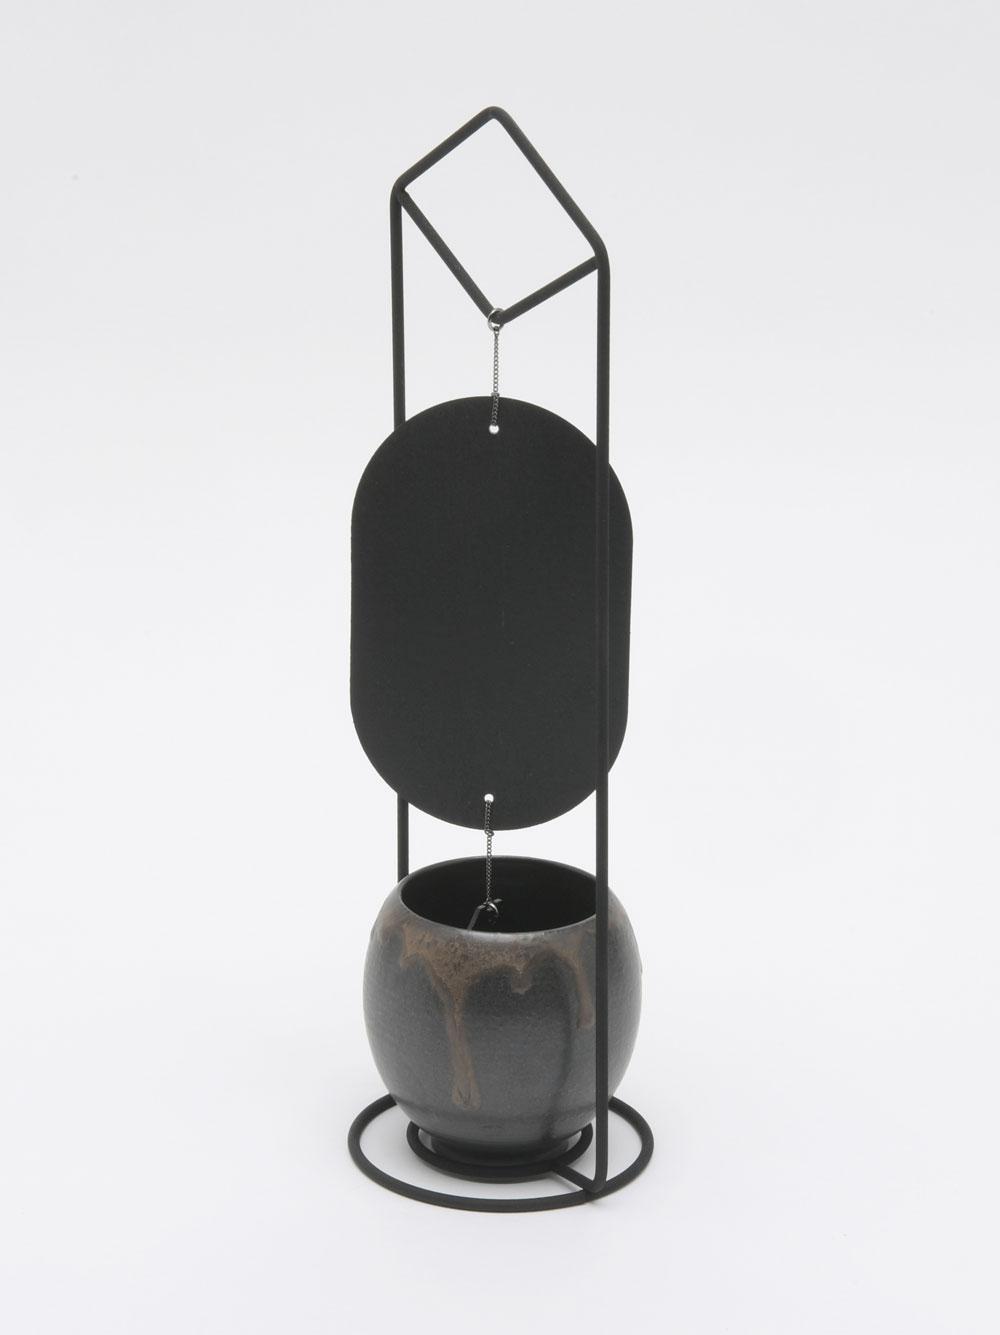 京焼・清水焼 置型風鈴「涼の音」黒銹